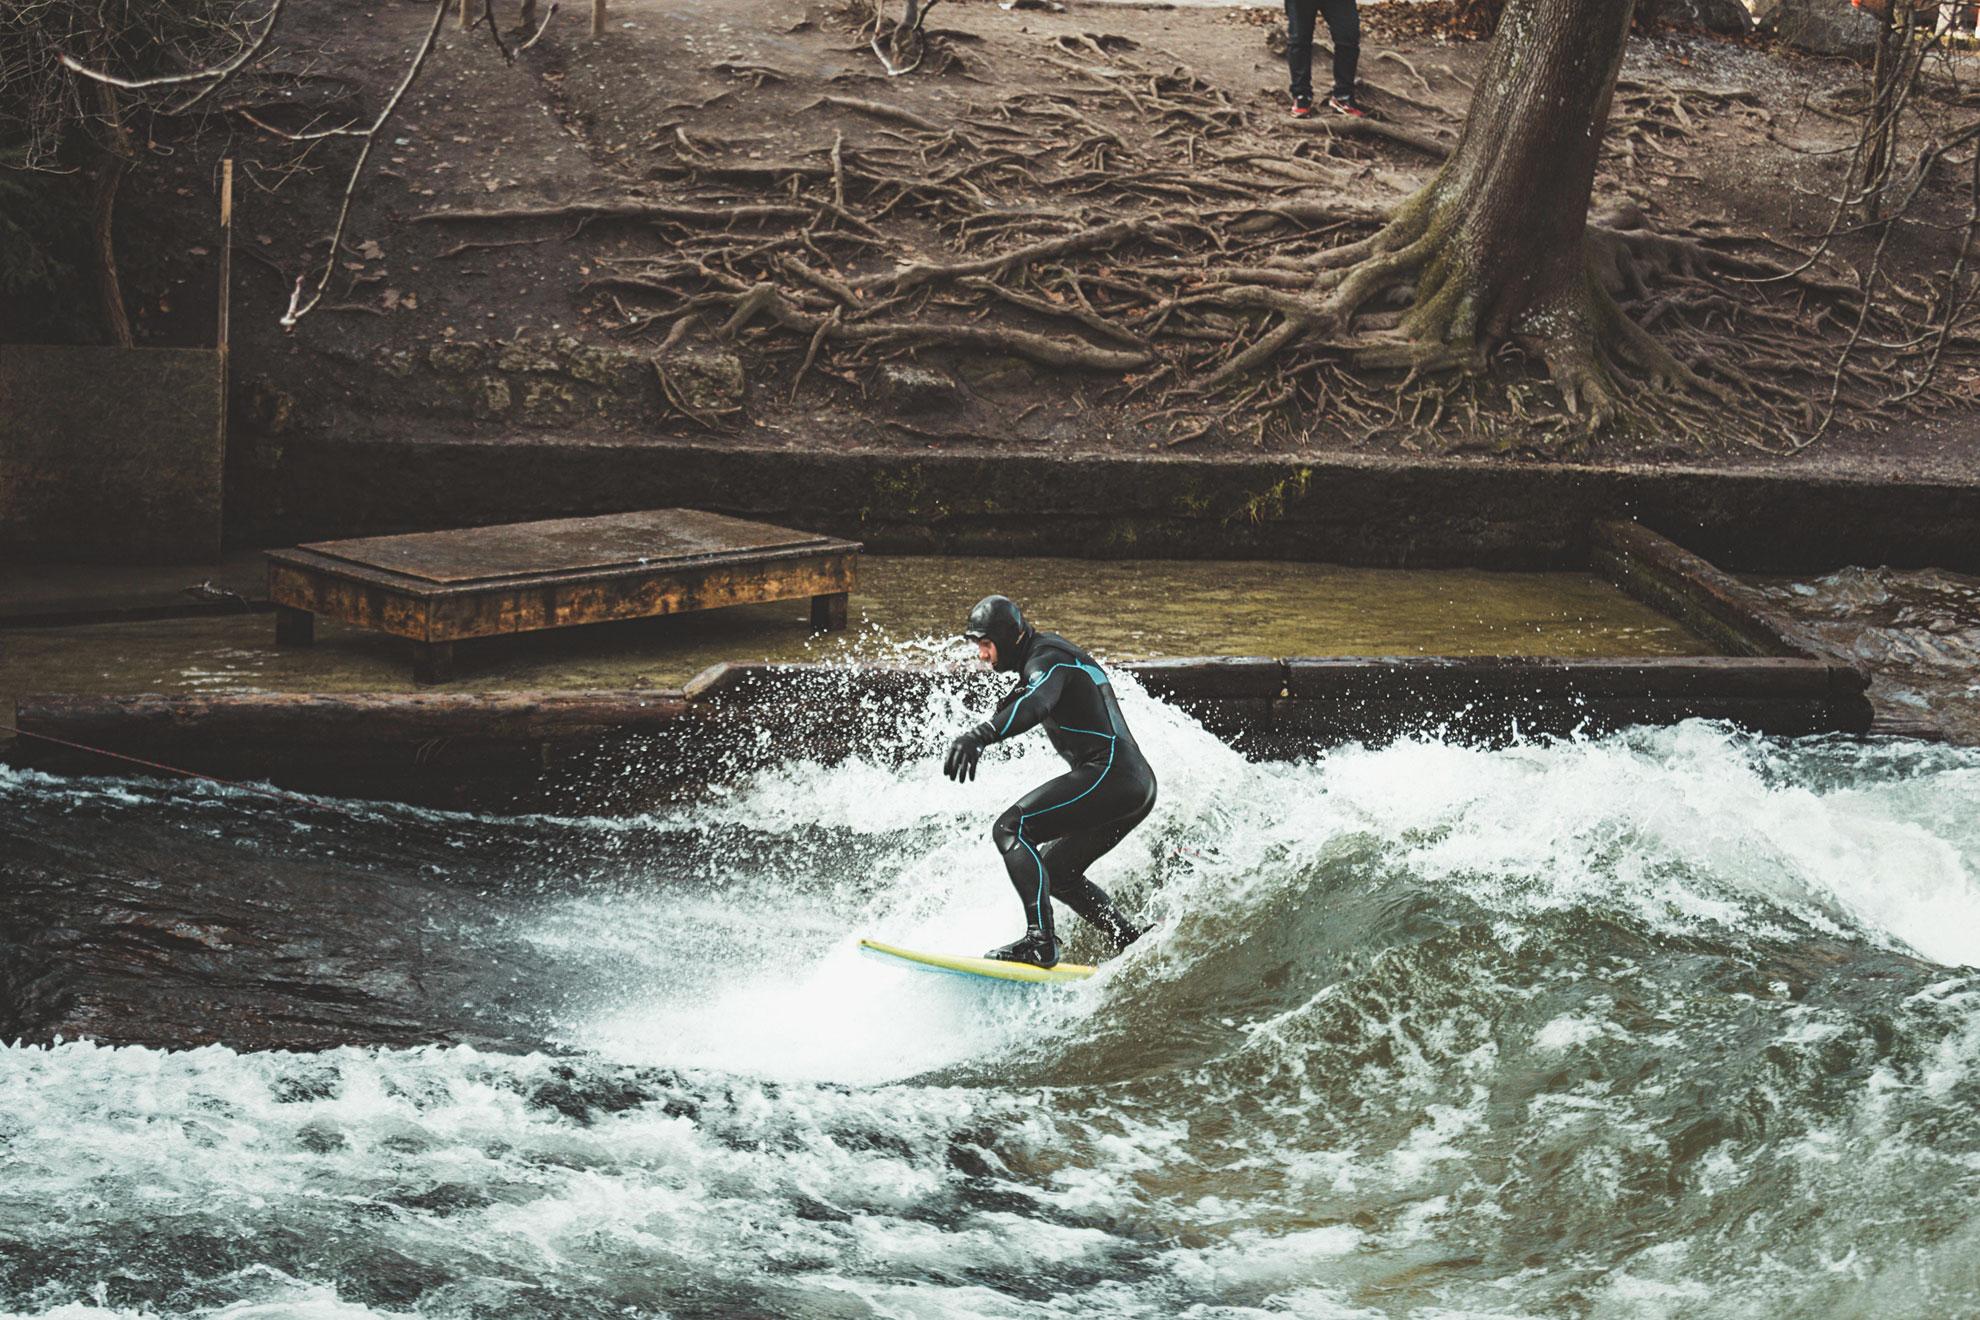 riversurfing_surffaus_river_joki_munchen_kaupunki